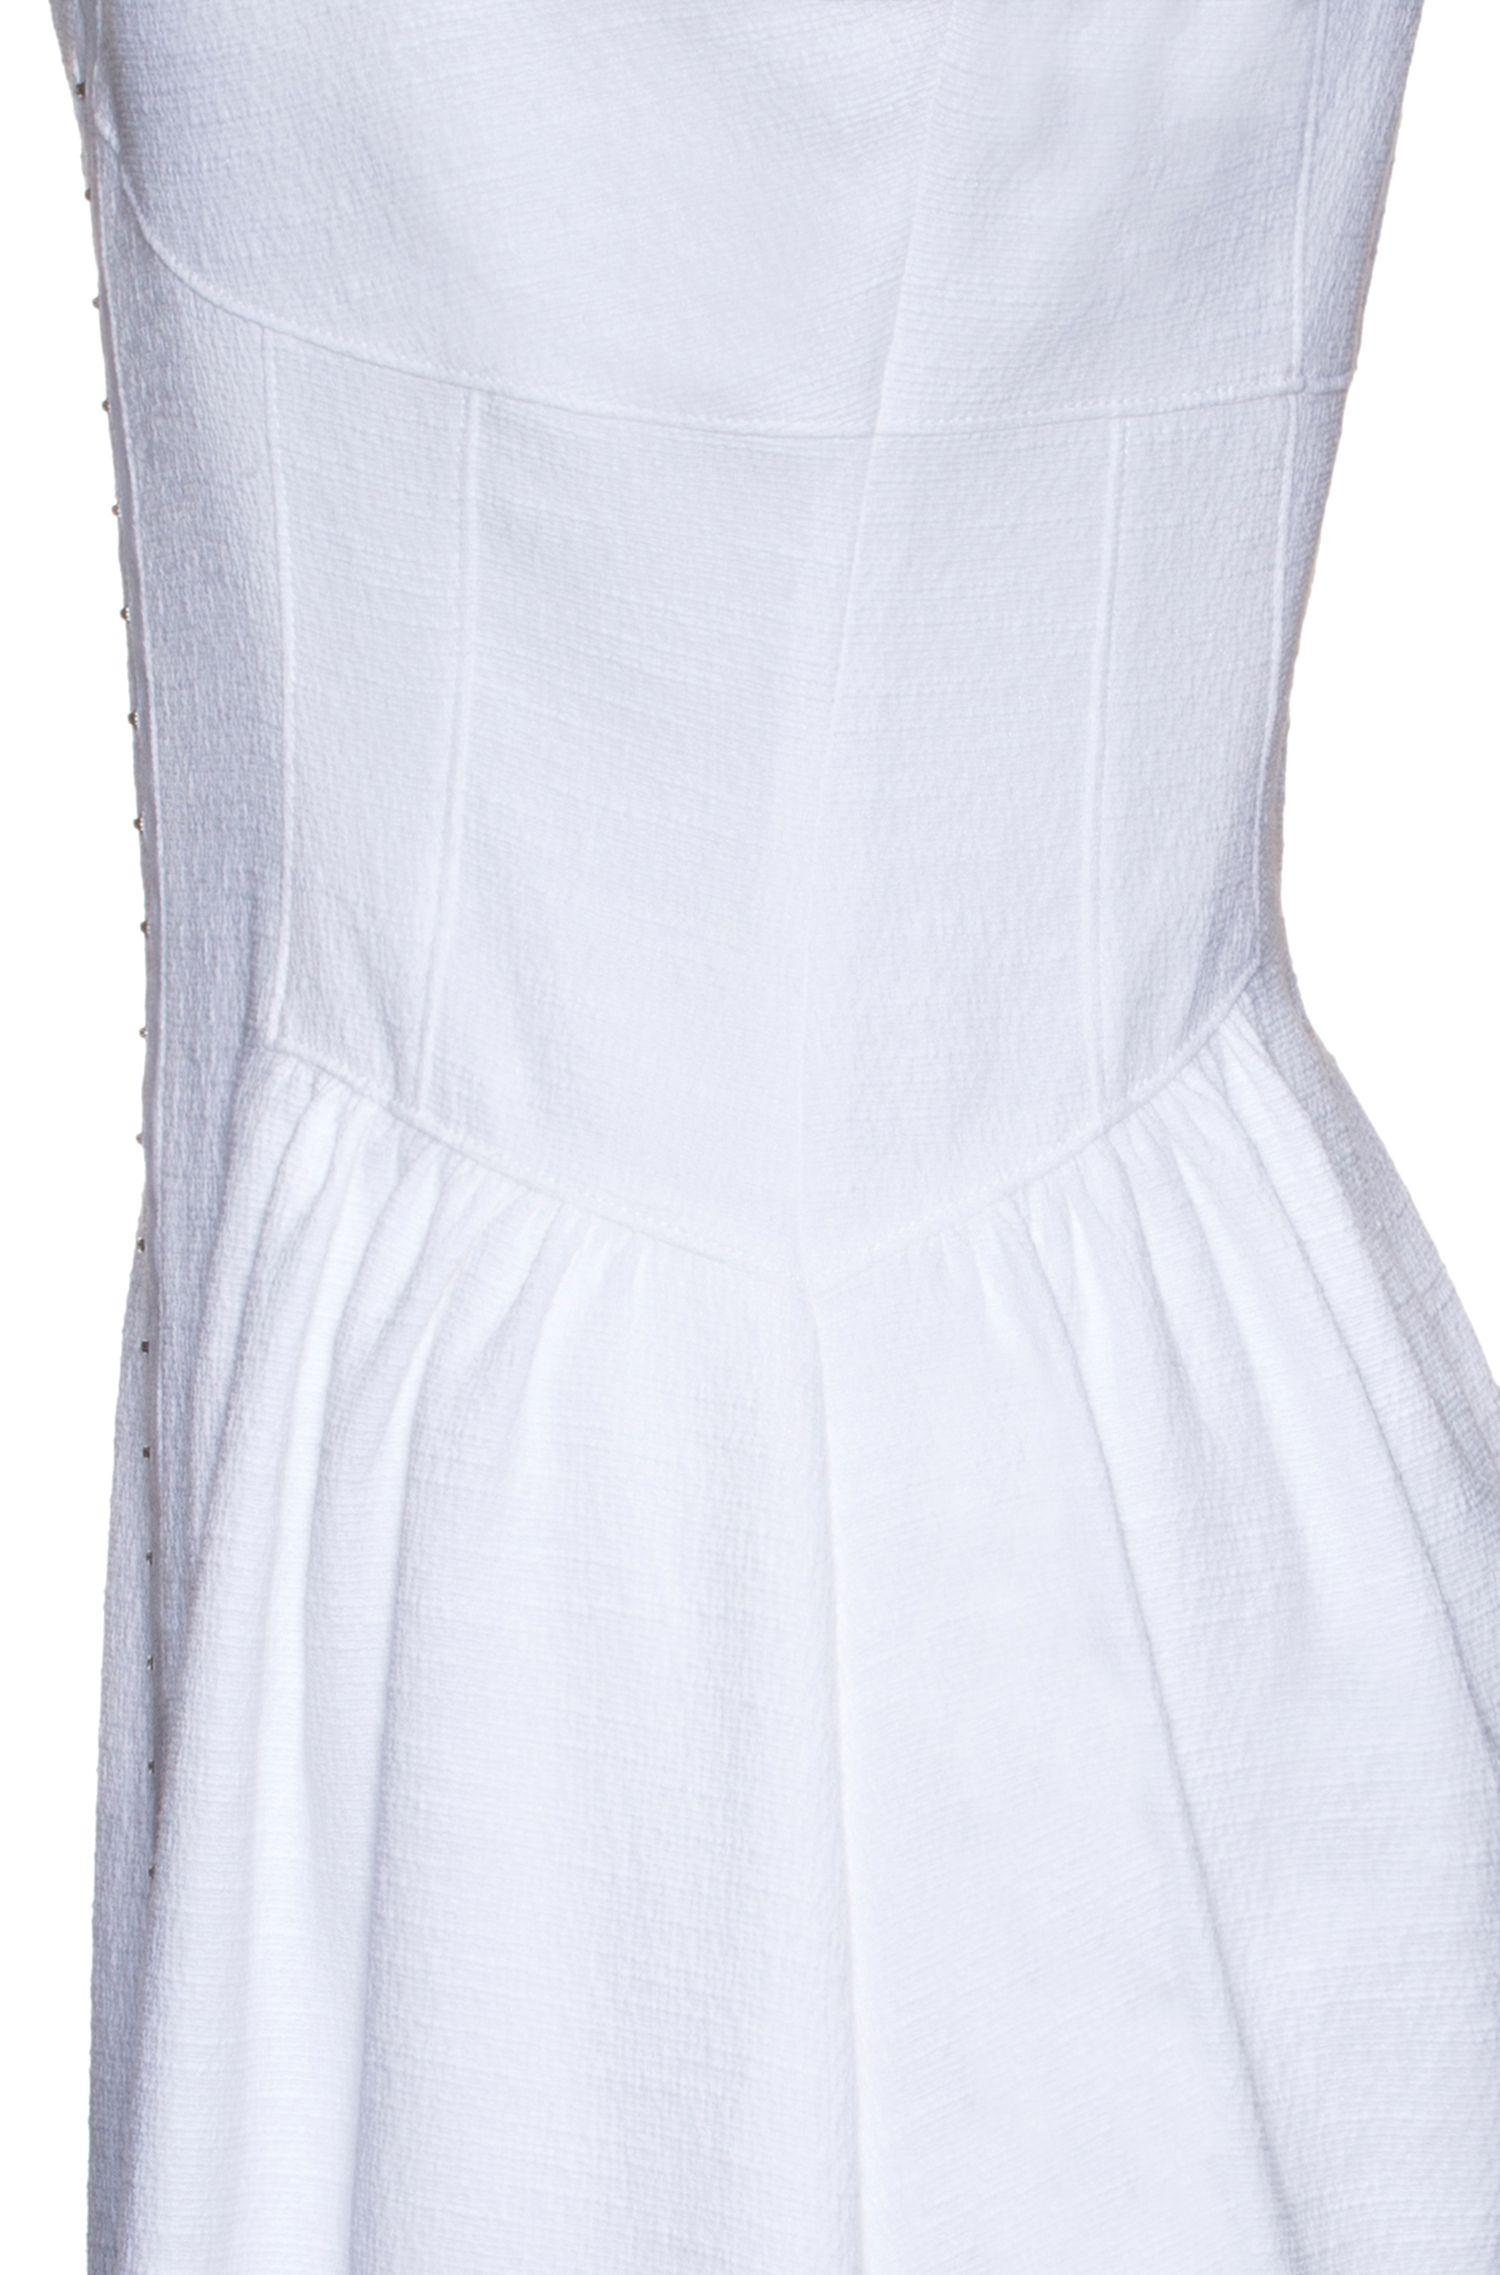 Vestido en mezcla de algodón con cierre de corchete